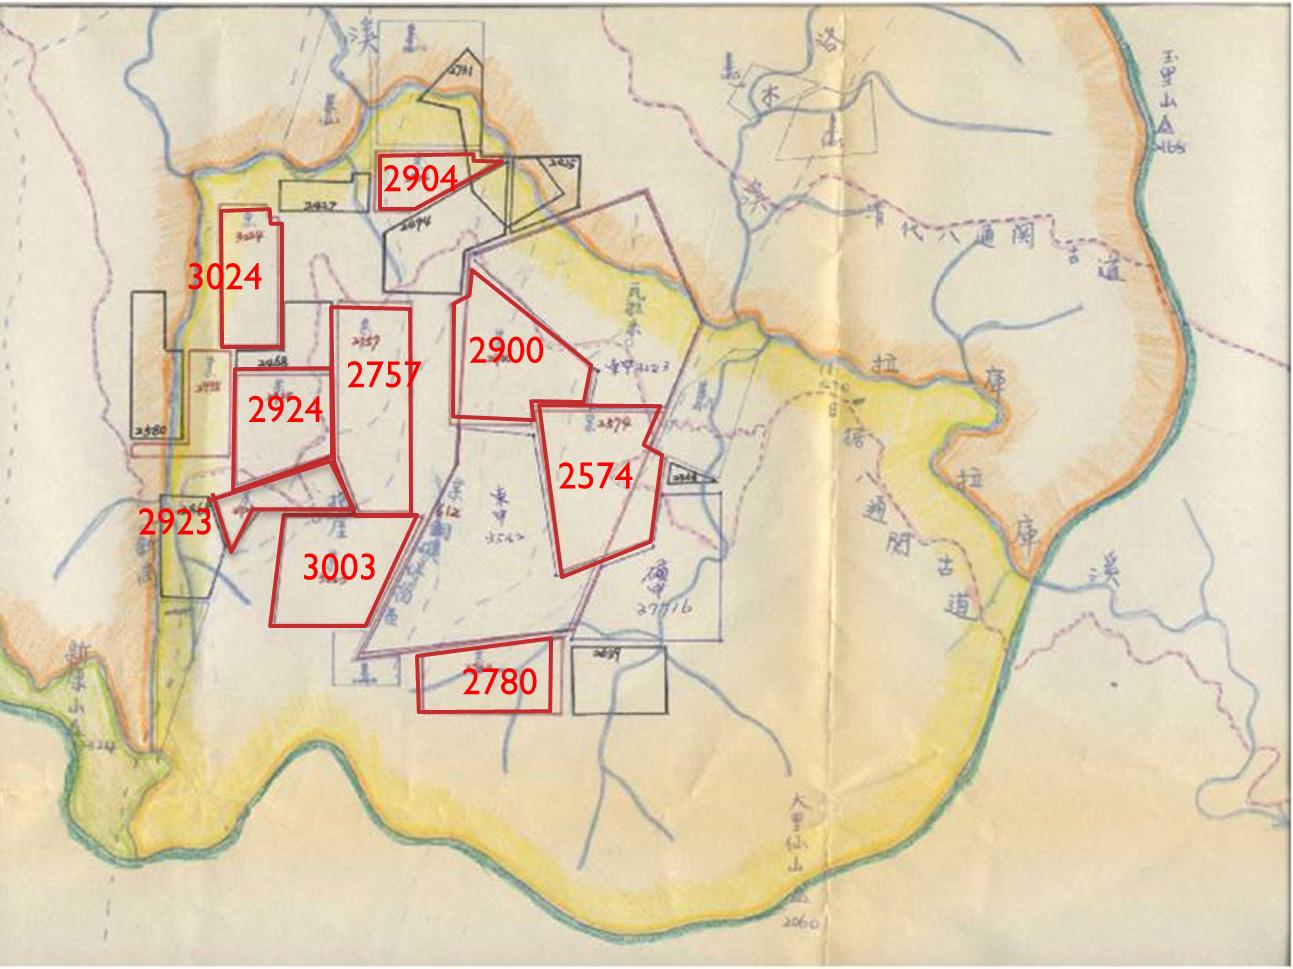 玉山NP公告範圍礦區分布圖